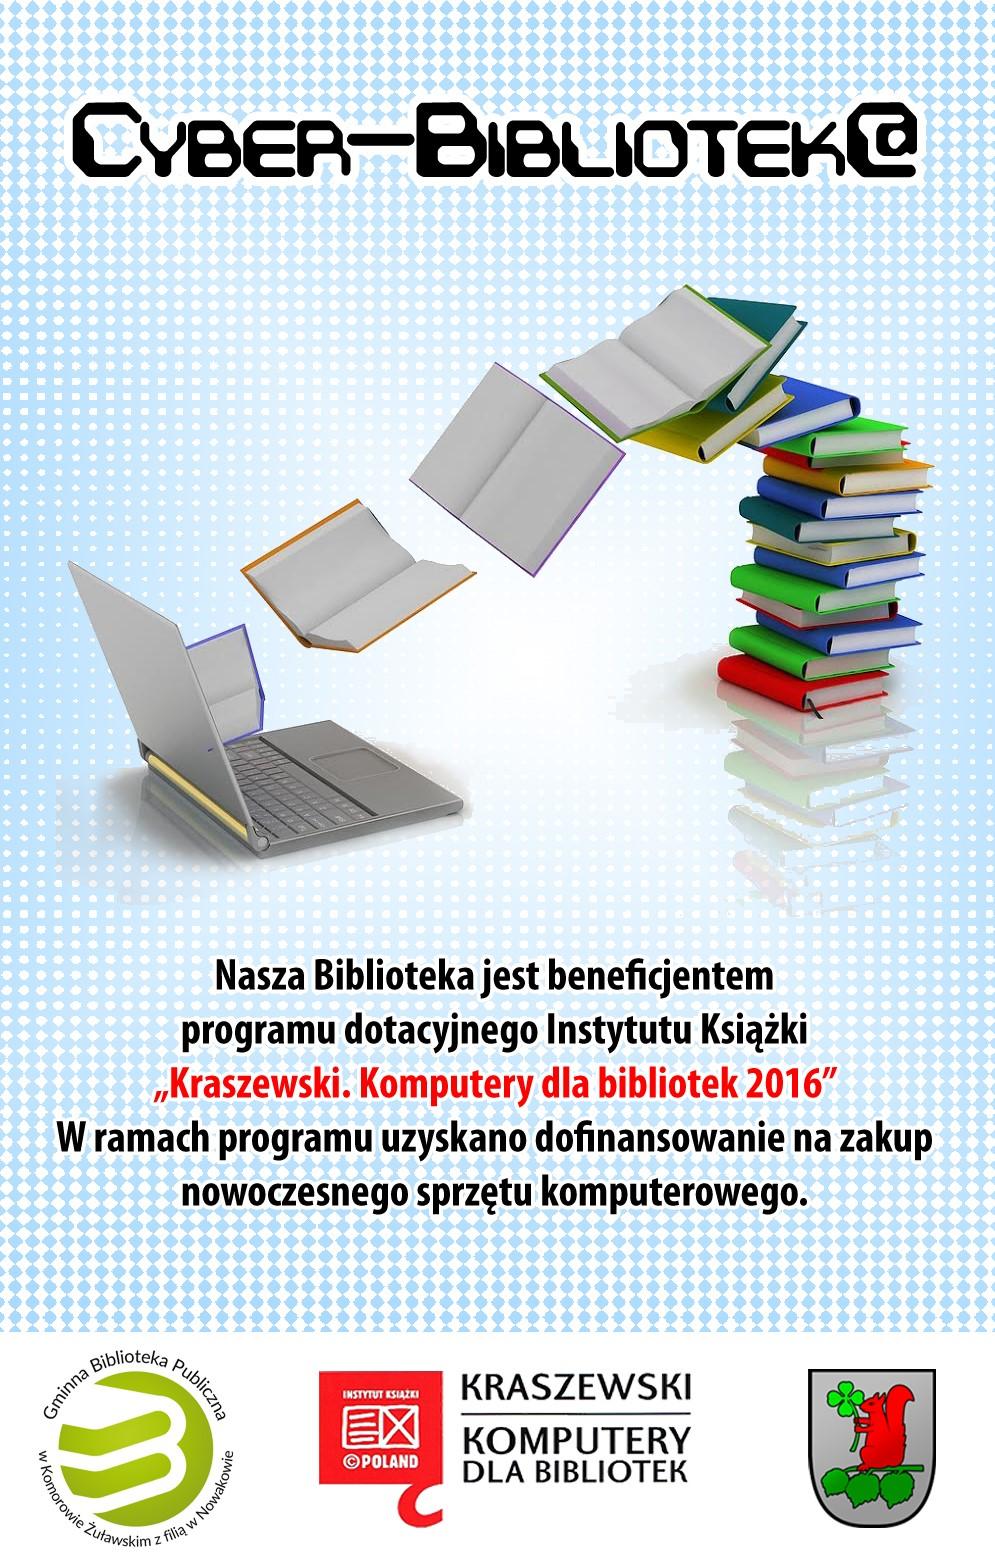 Cyber-Bibliotek@